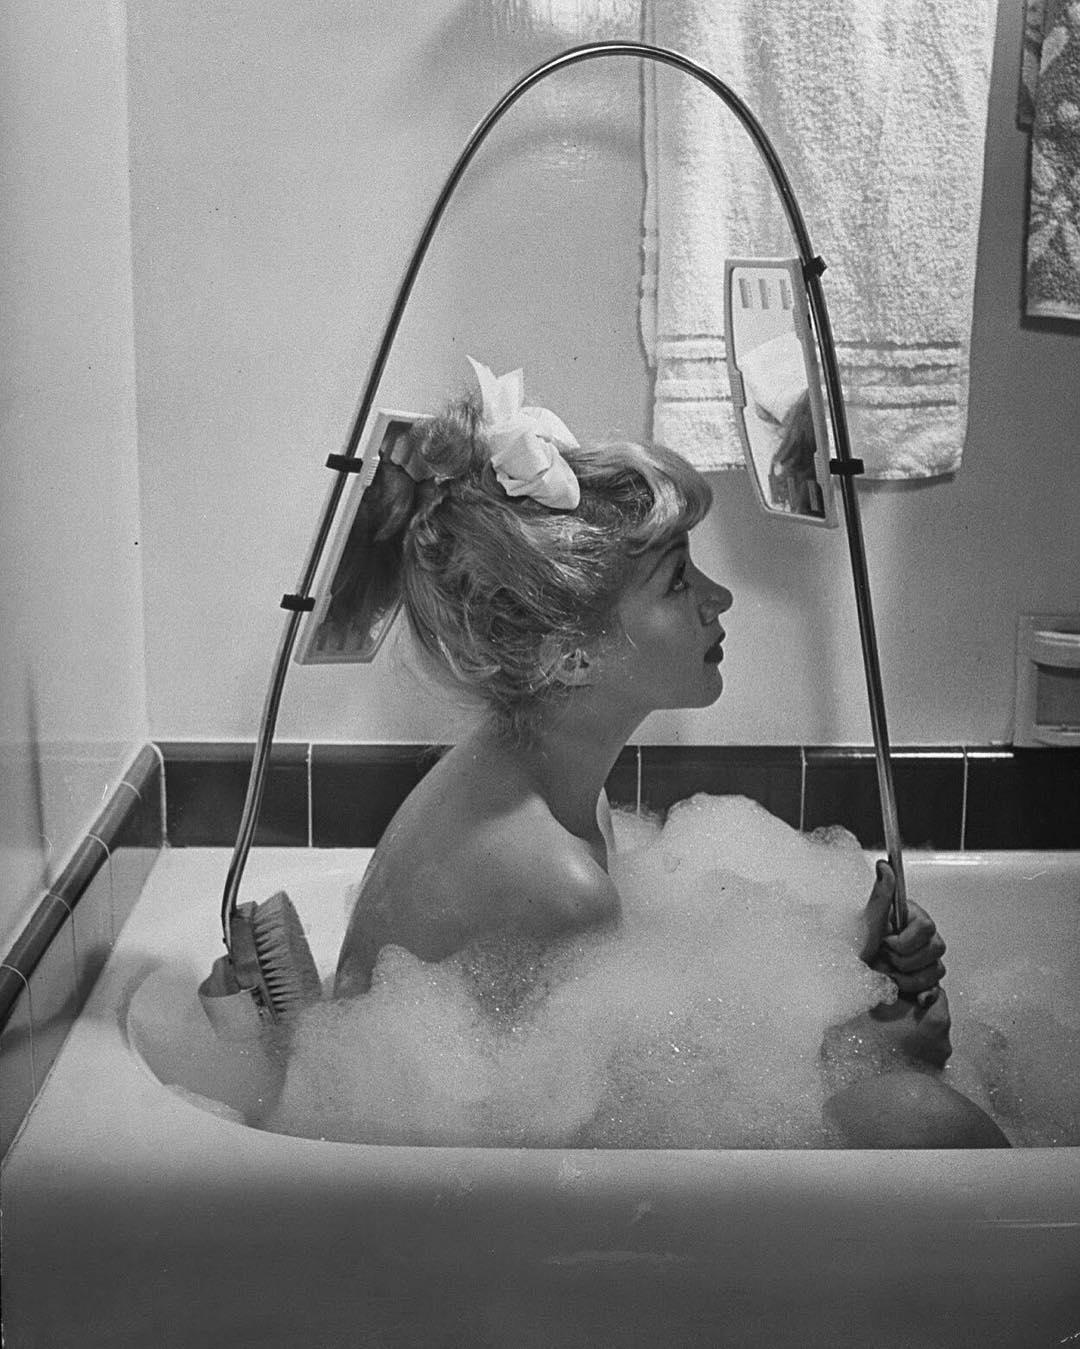 1947. Una donna con una spazzola innovativa per pulire la schiena, commercializzata da Los Angeles Brush Manufacture Inc., che è dotata di specchi anteriori e retrovisori in modo da poter vedere dove si agisce. Foto di Allan Grant